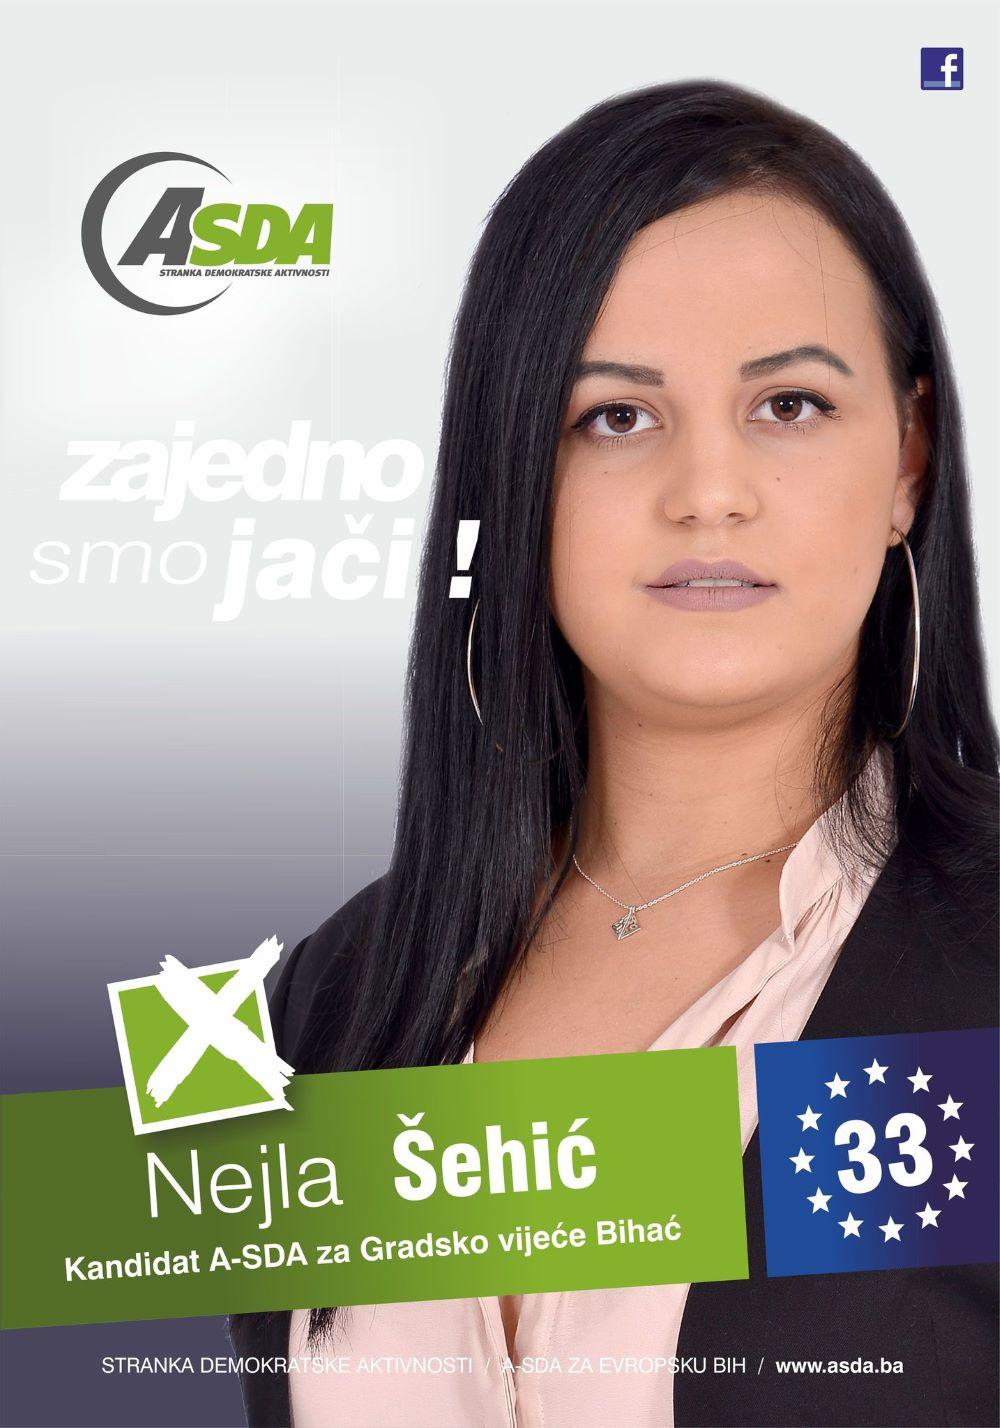 Nejla Šehić